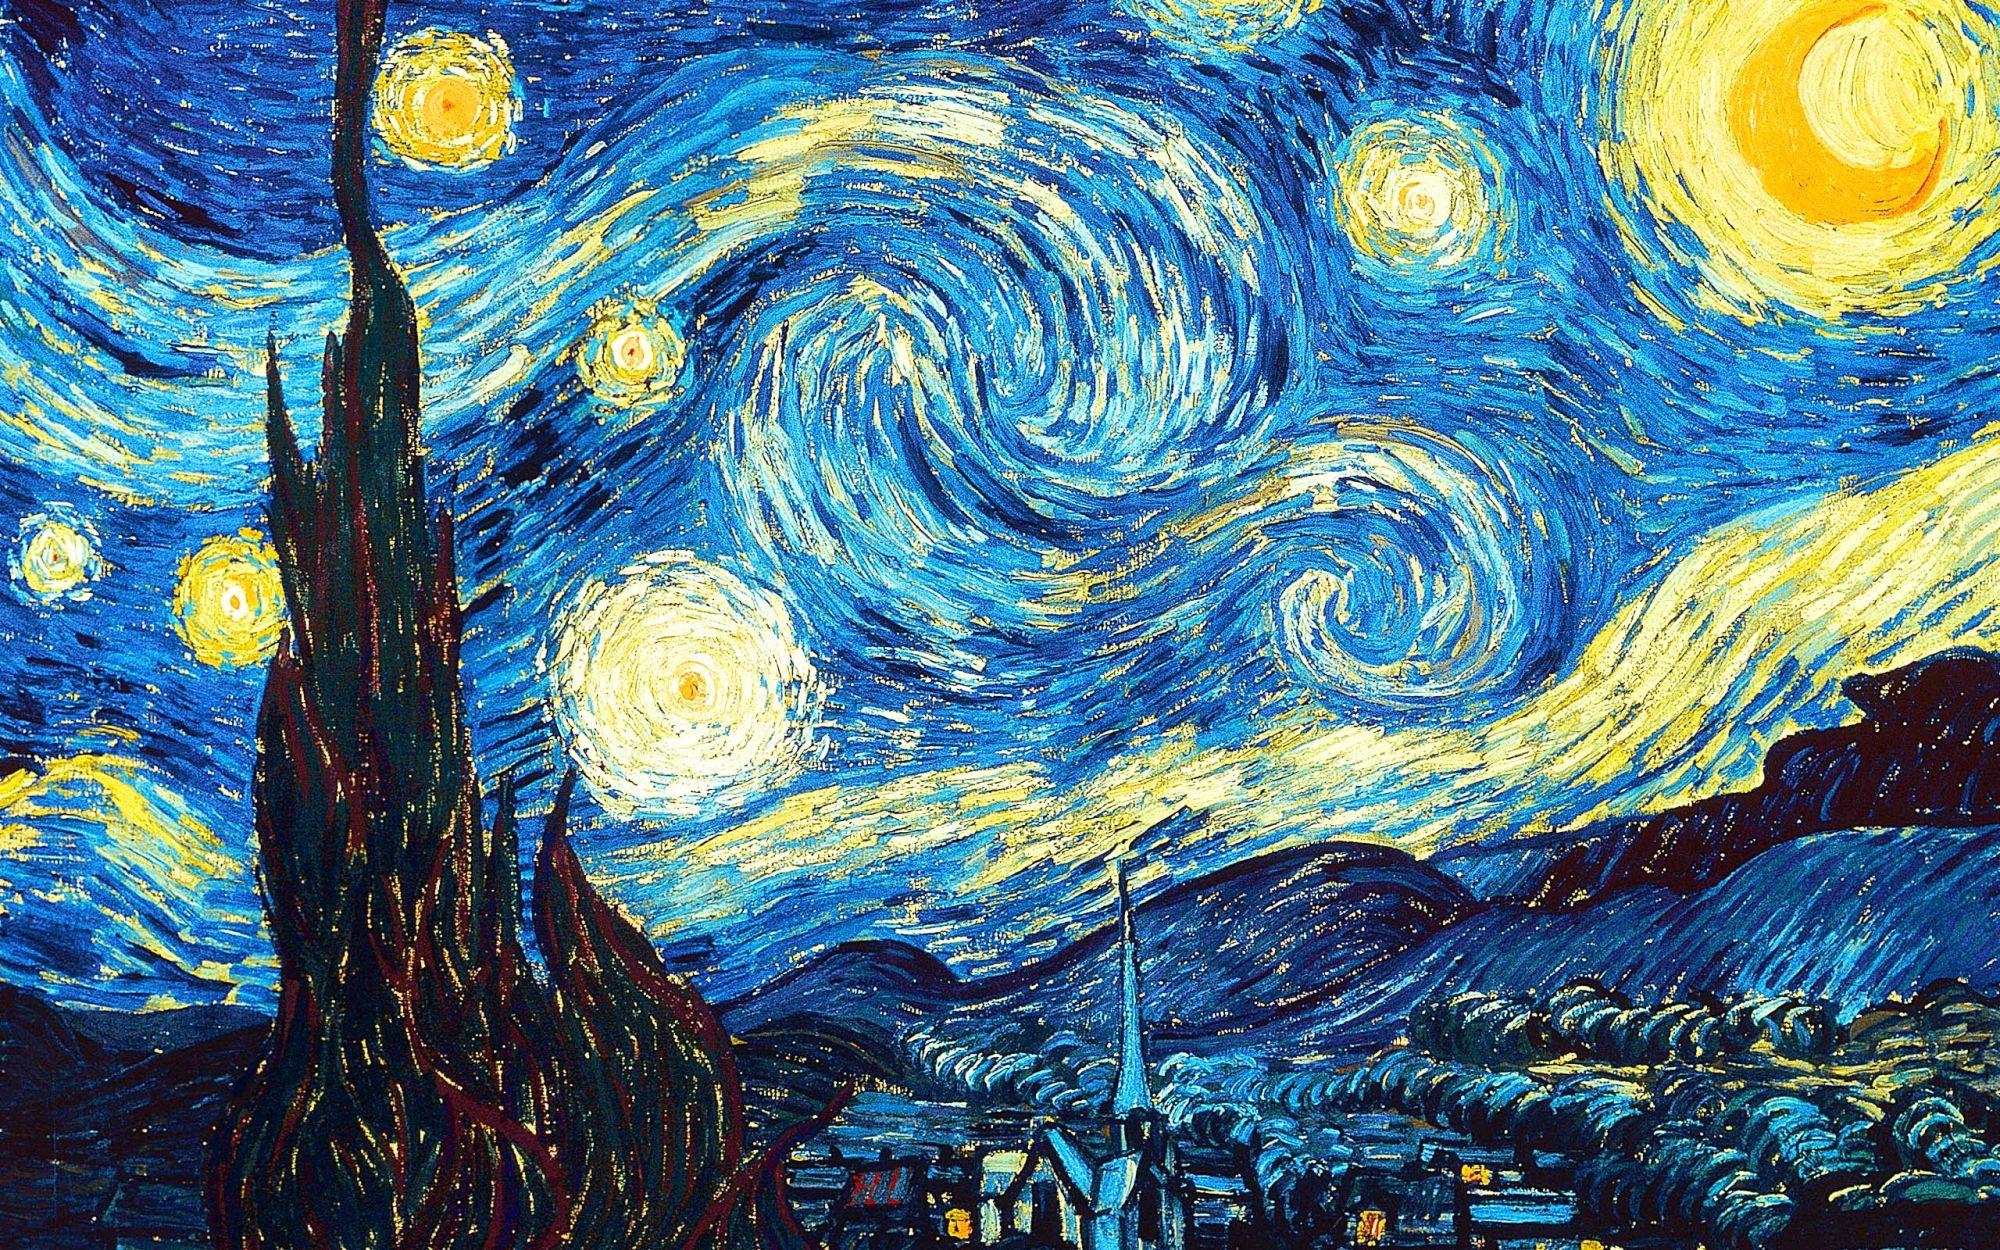 Pintura da noite estrelada em uma cidade.